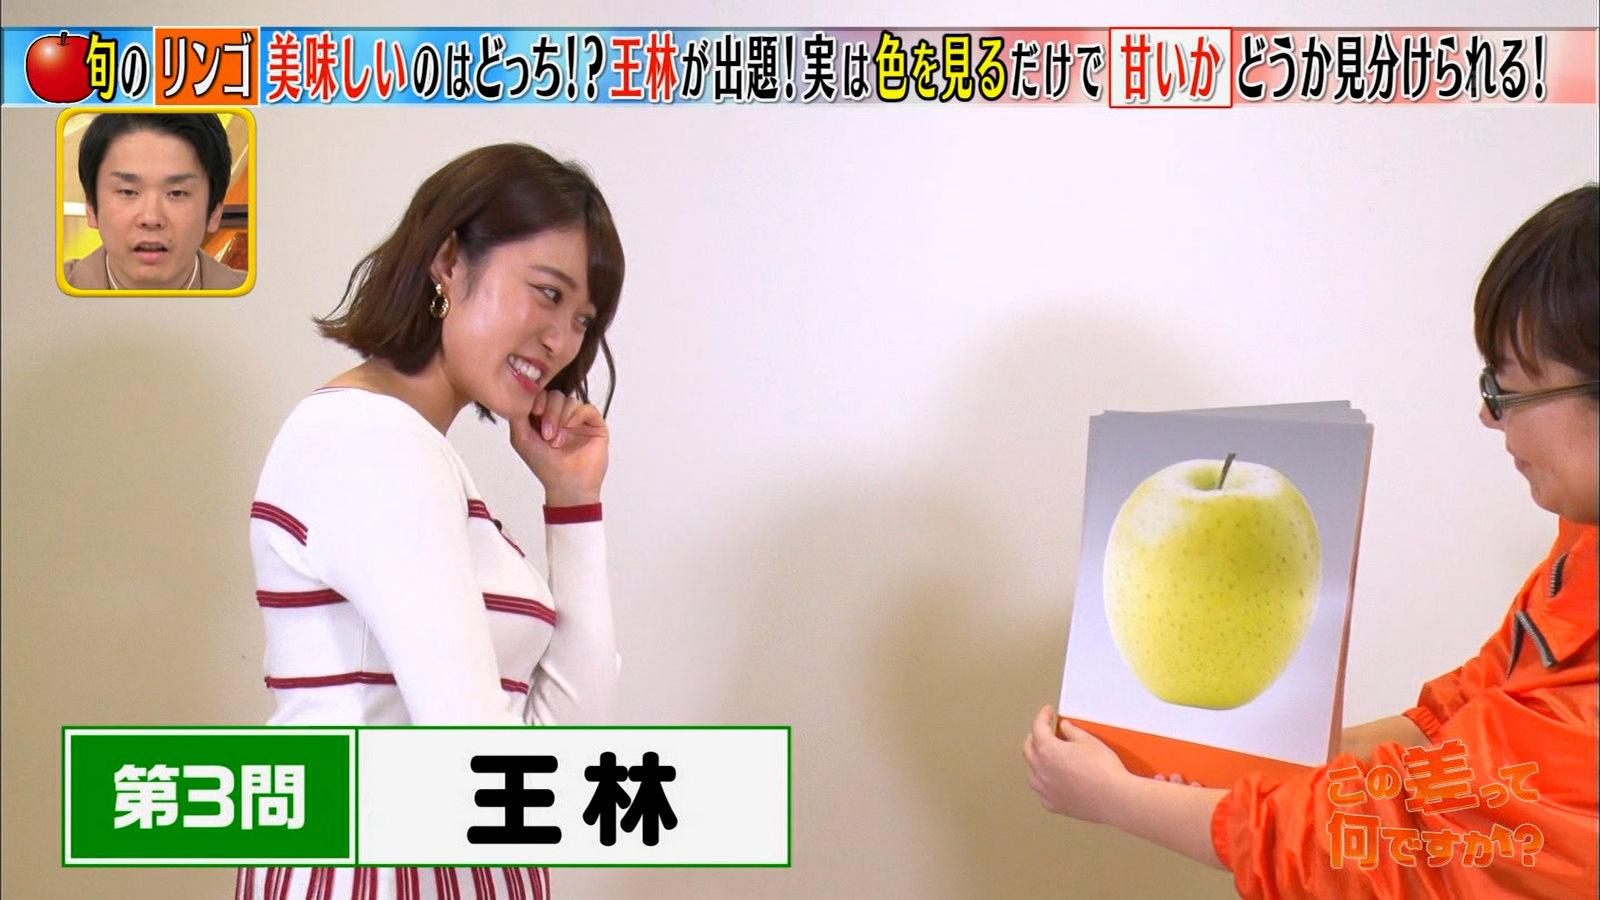 王林_おっぱい_横乳_テレビキャプ画像_06